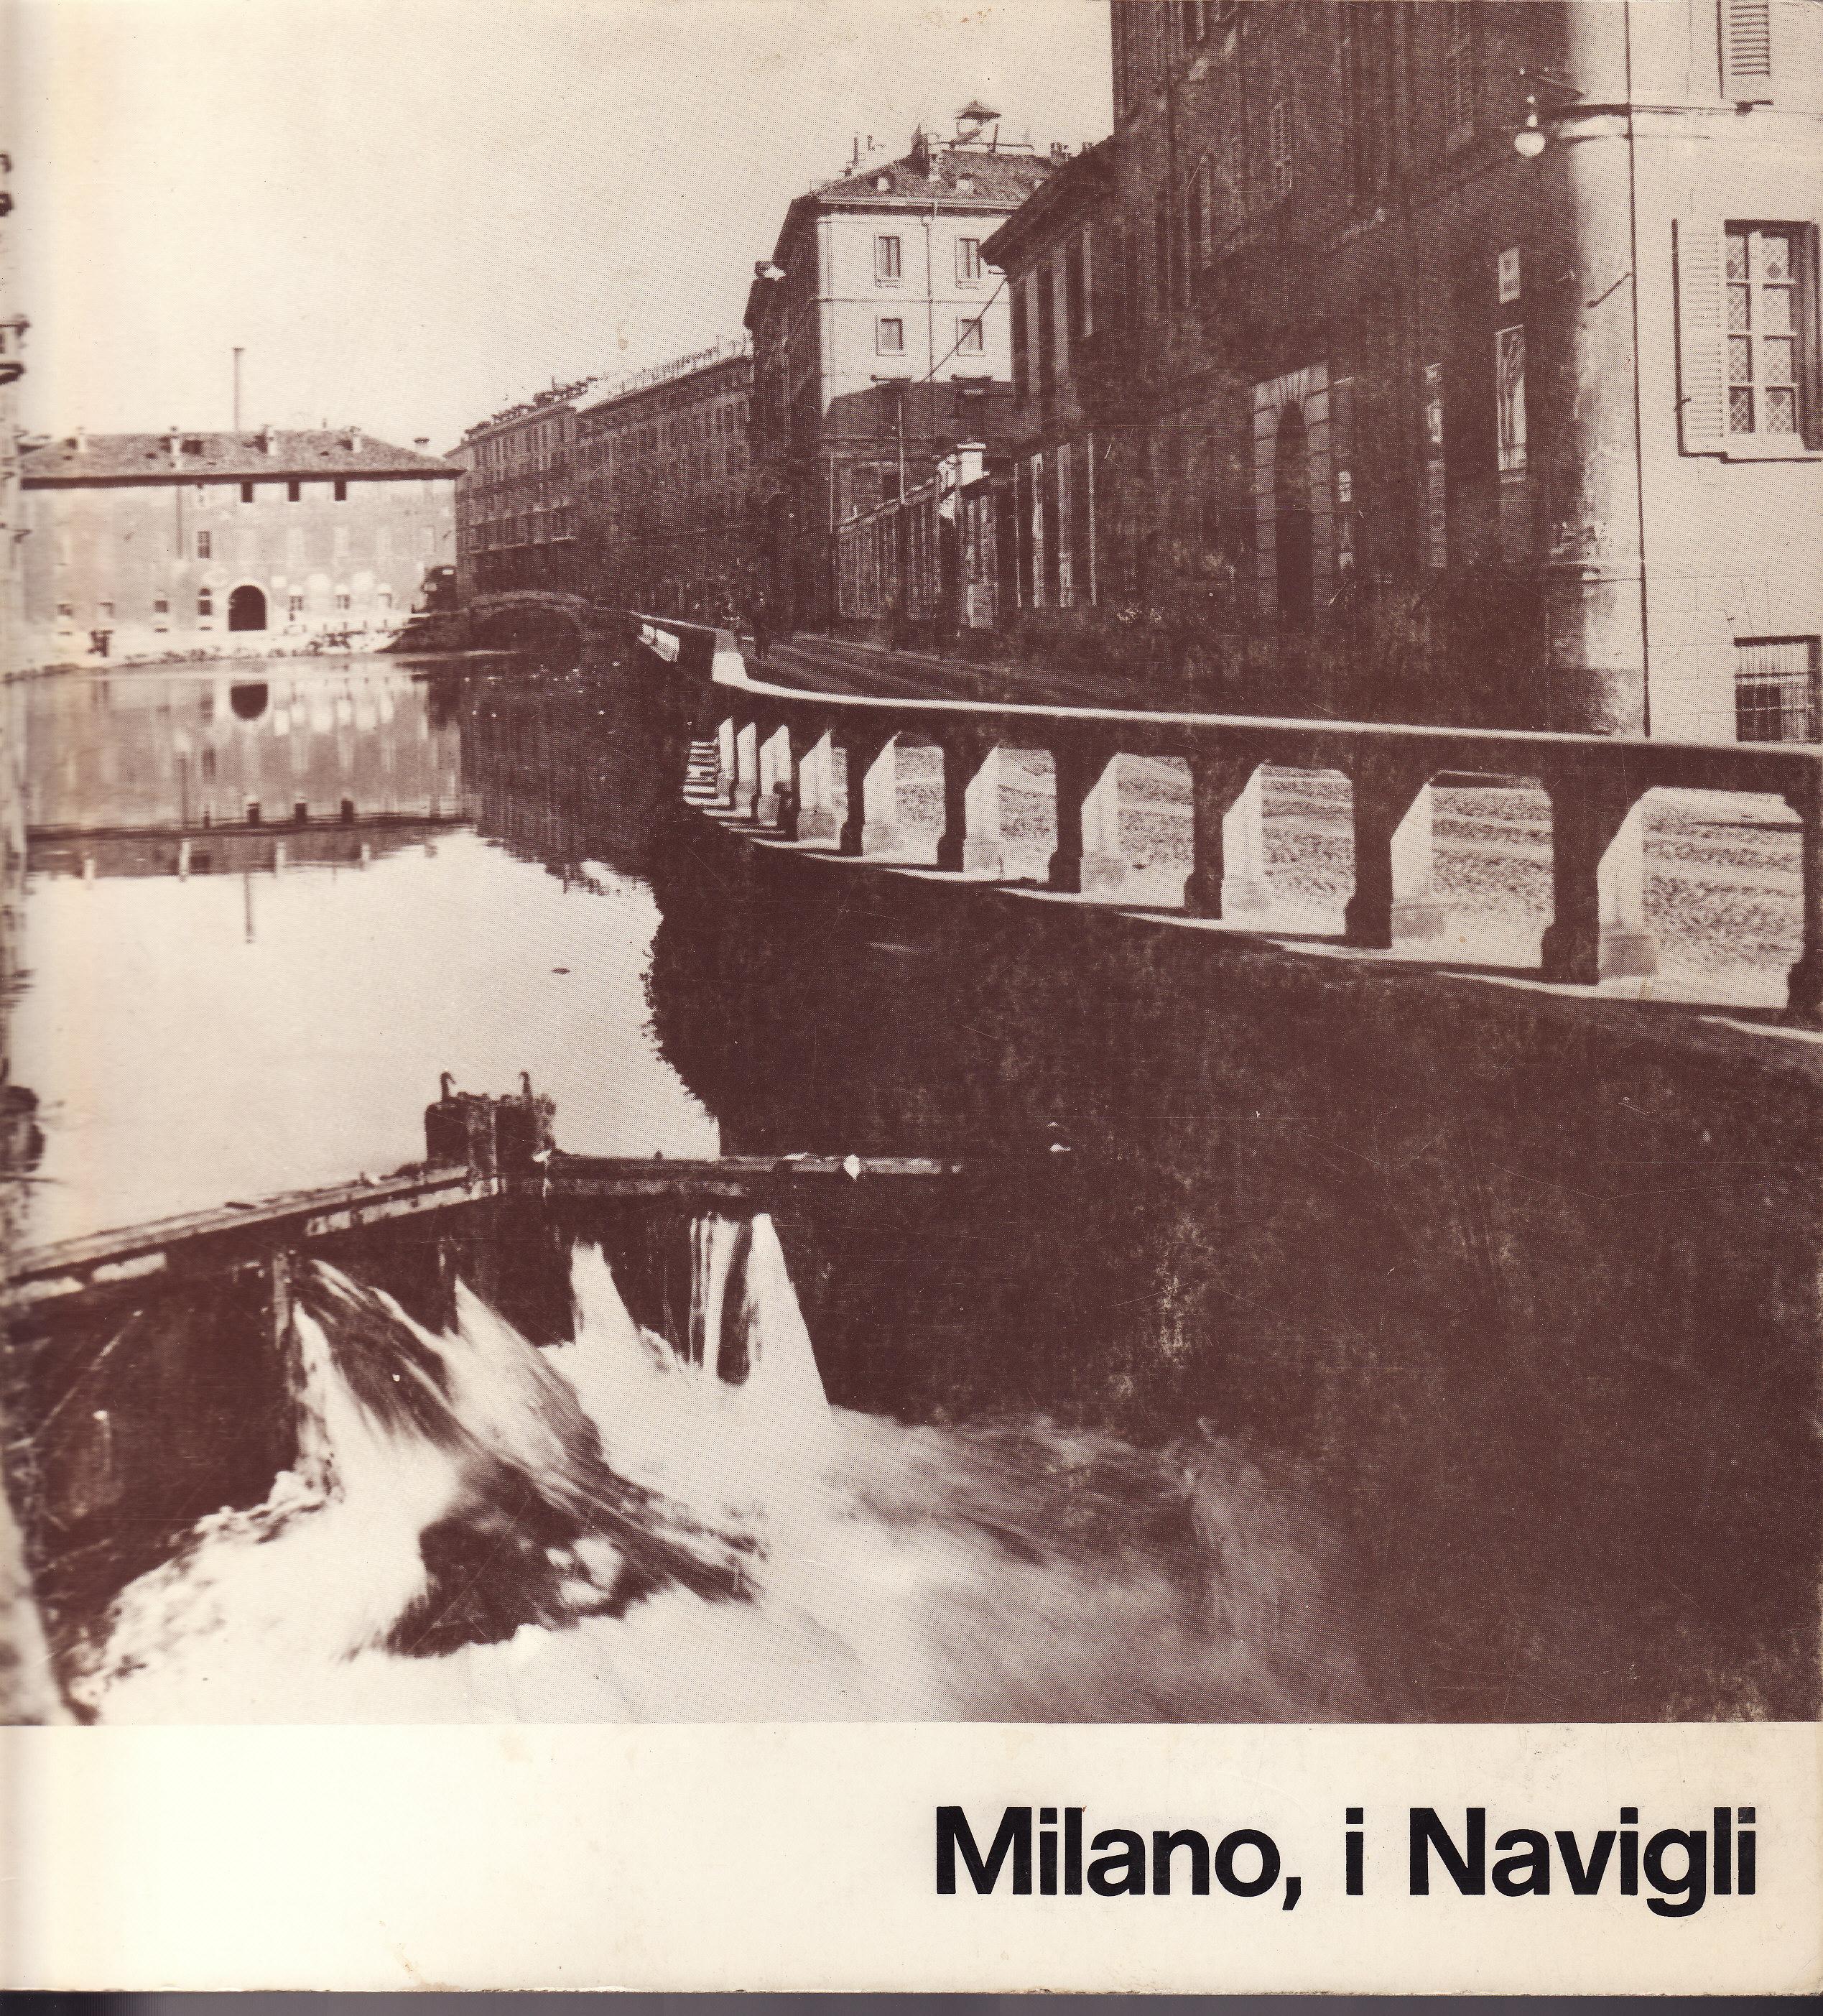 Milano, i navigli